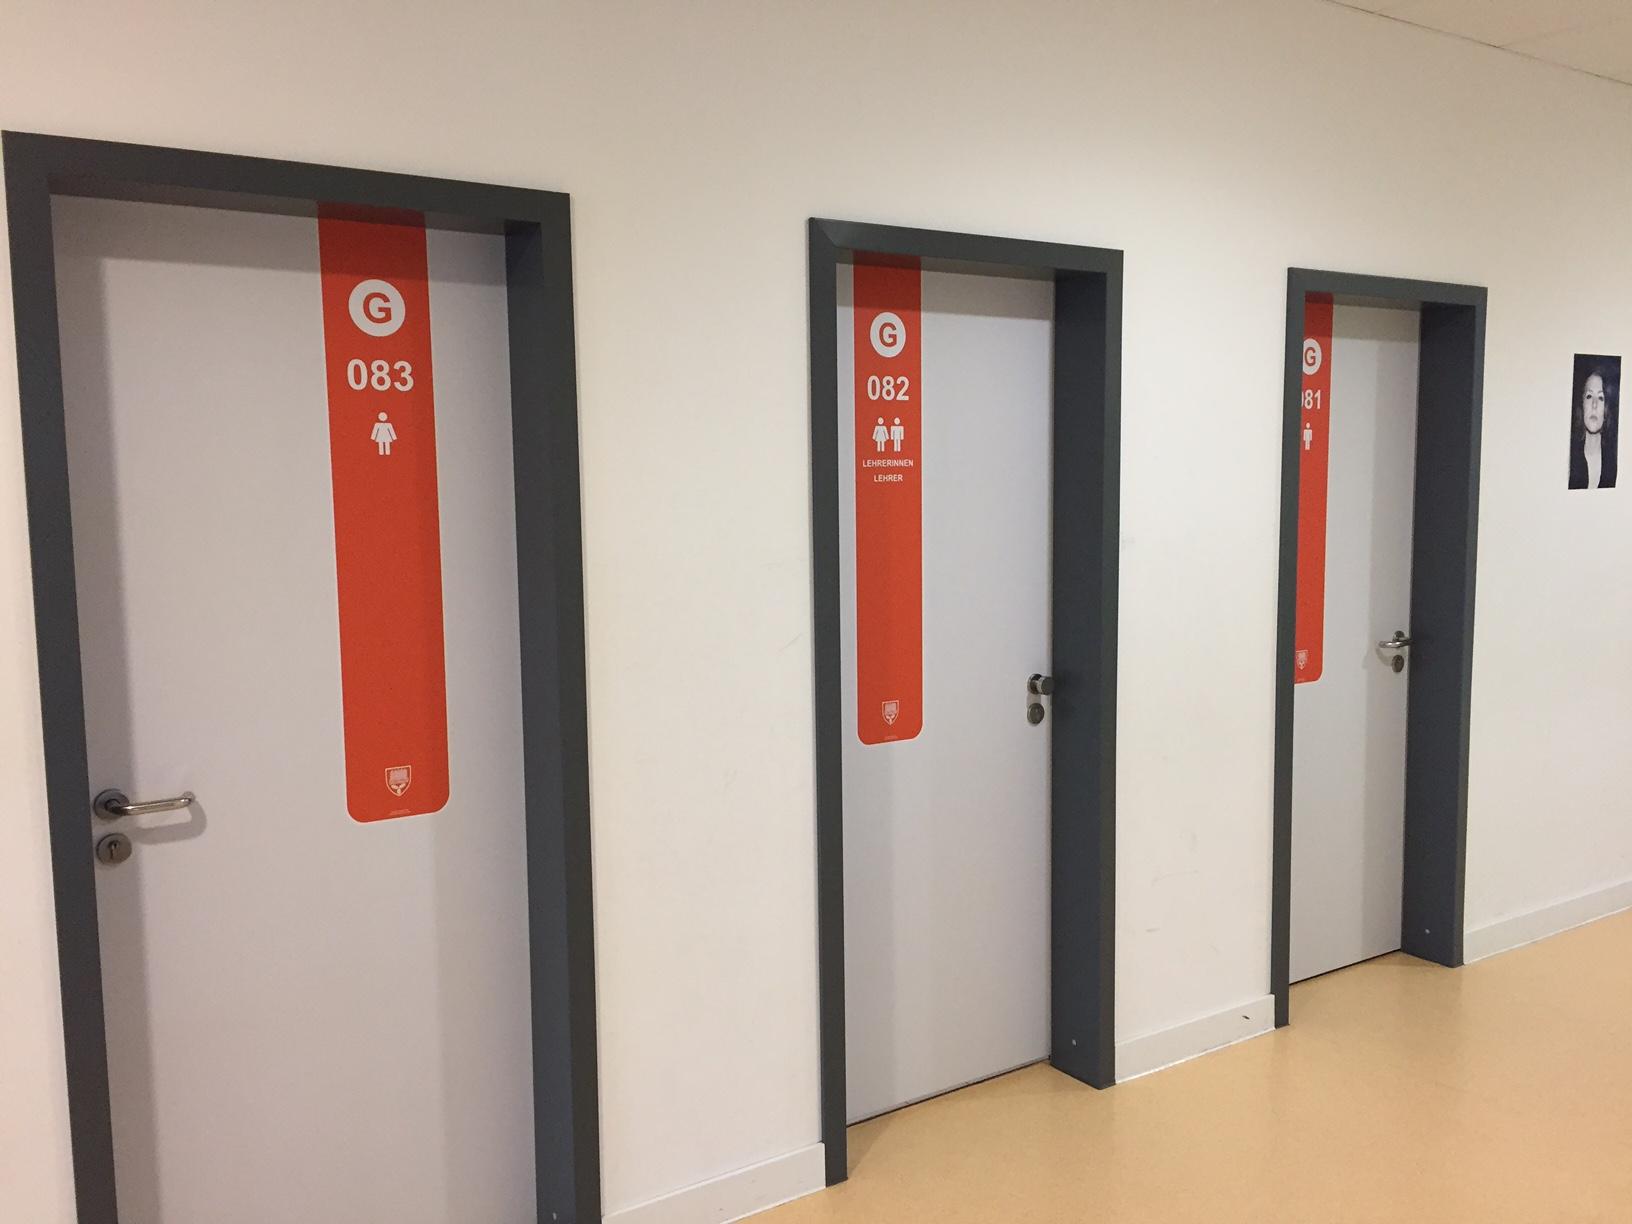 FLS-Türmarker für bessere Orientierung.